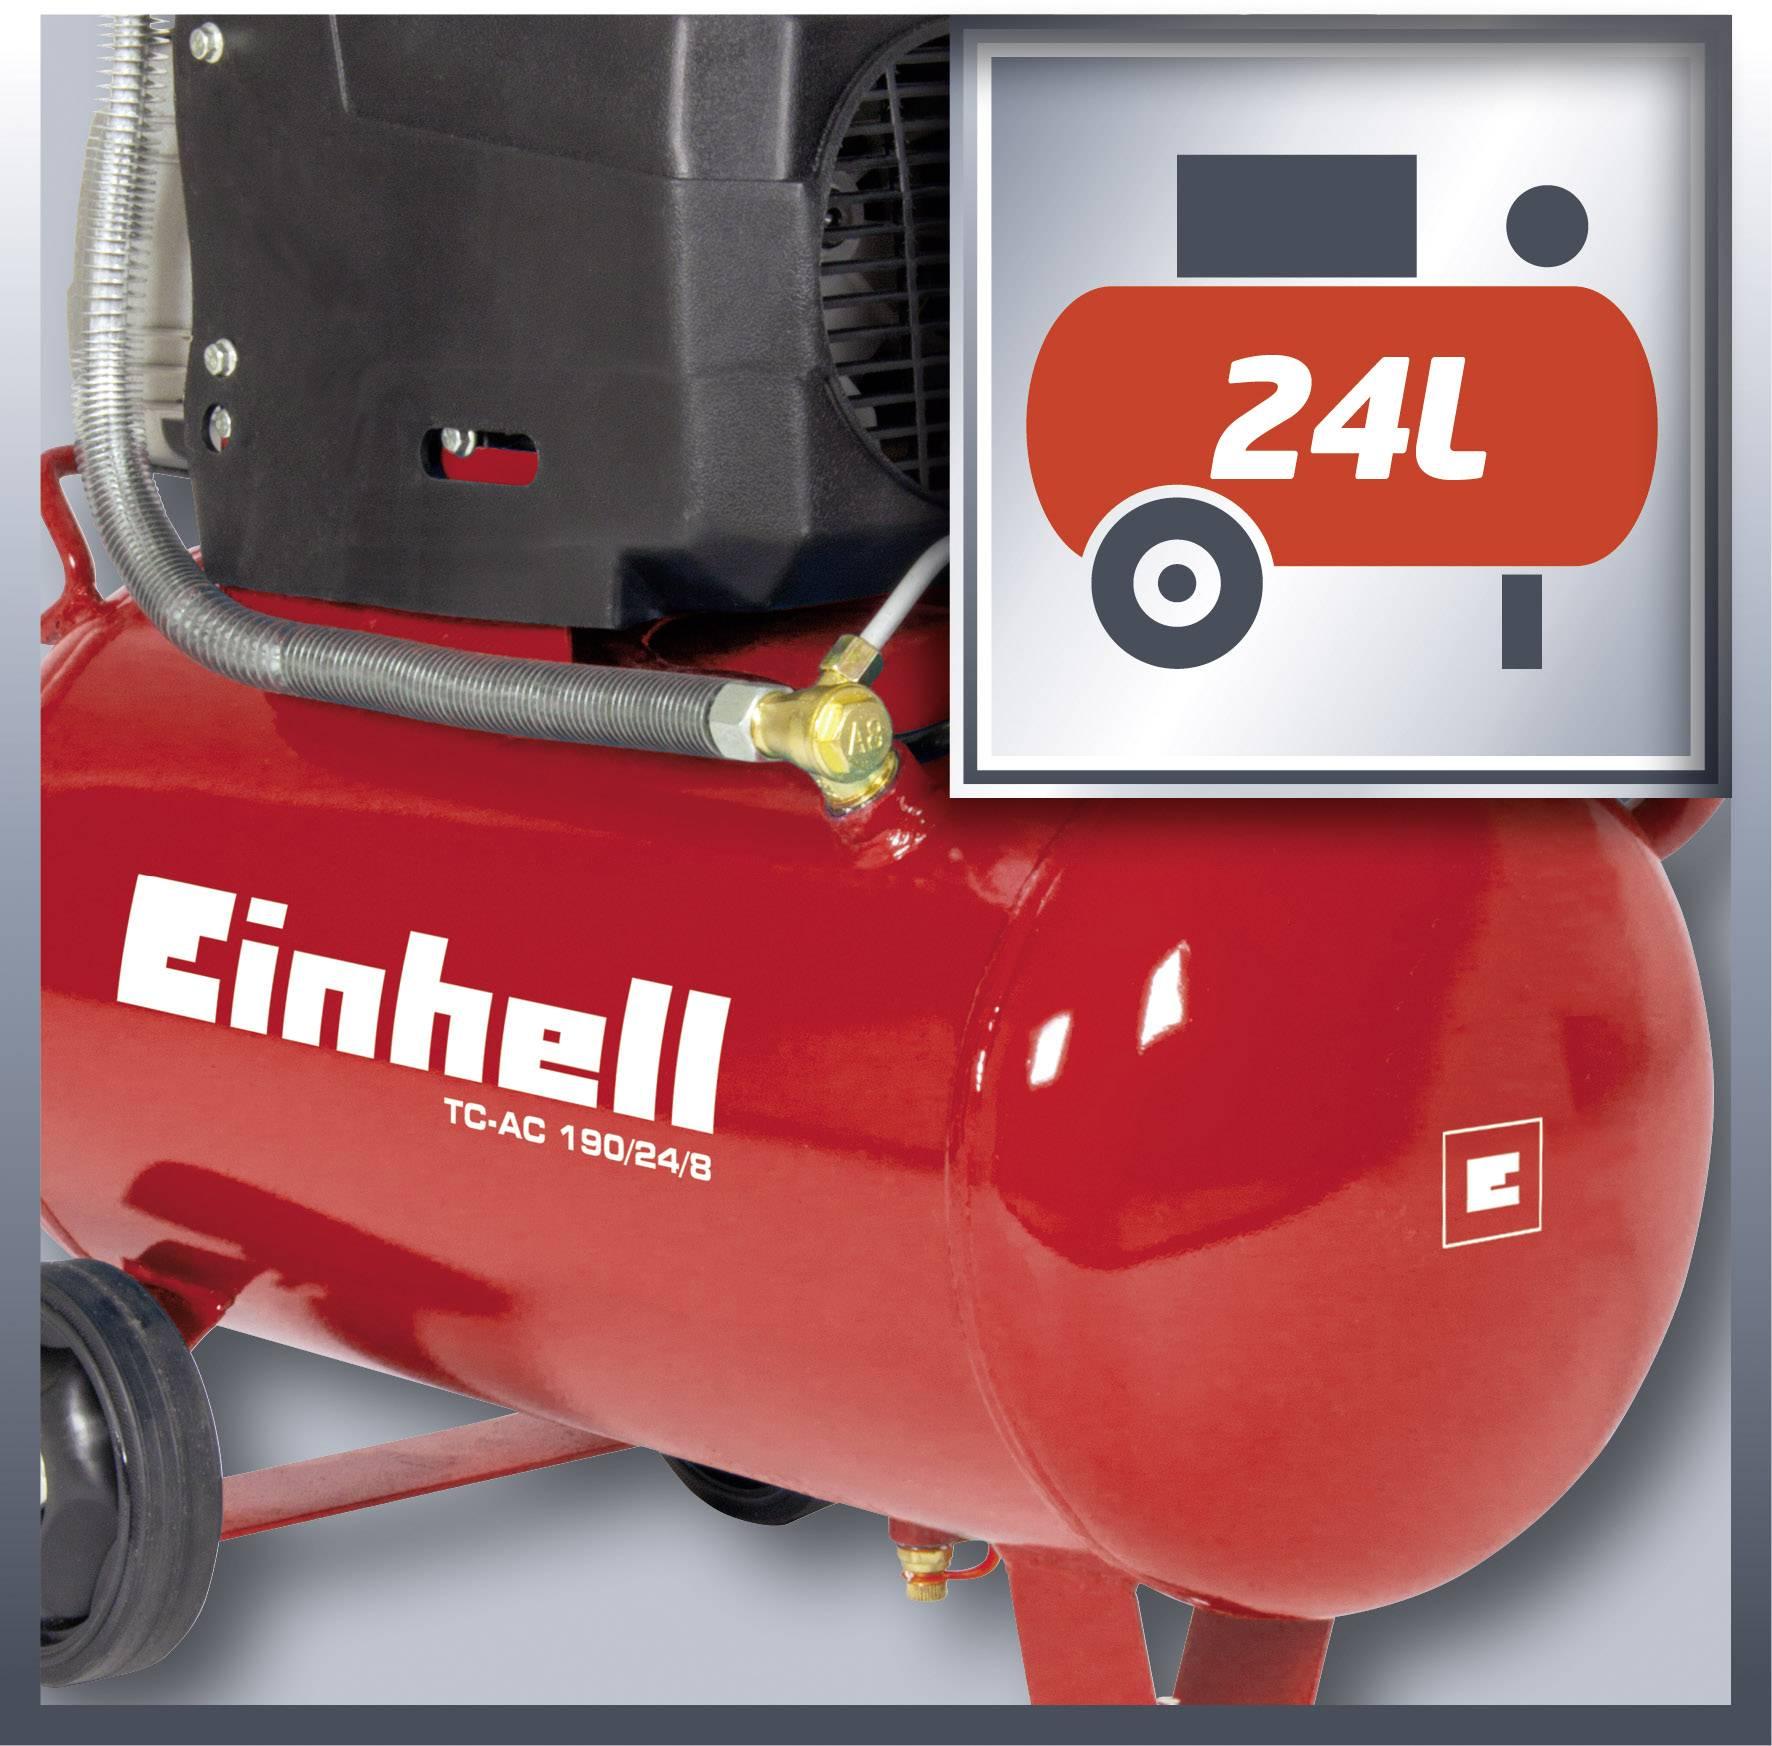 Compressore Einhell TC-AC 190//24//8 Compressore Rosso//Bianco//Metallico Rosso /&4000832470 Set di 5 Accessori Metallo 1500 W 230 V